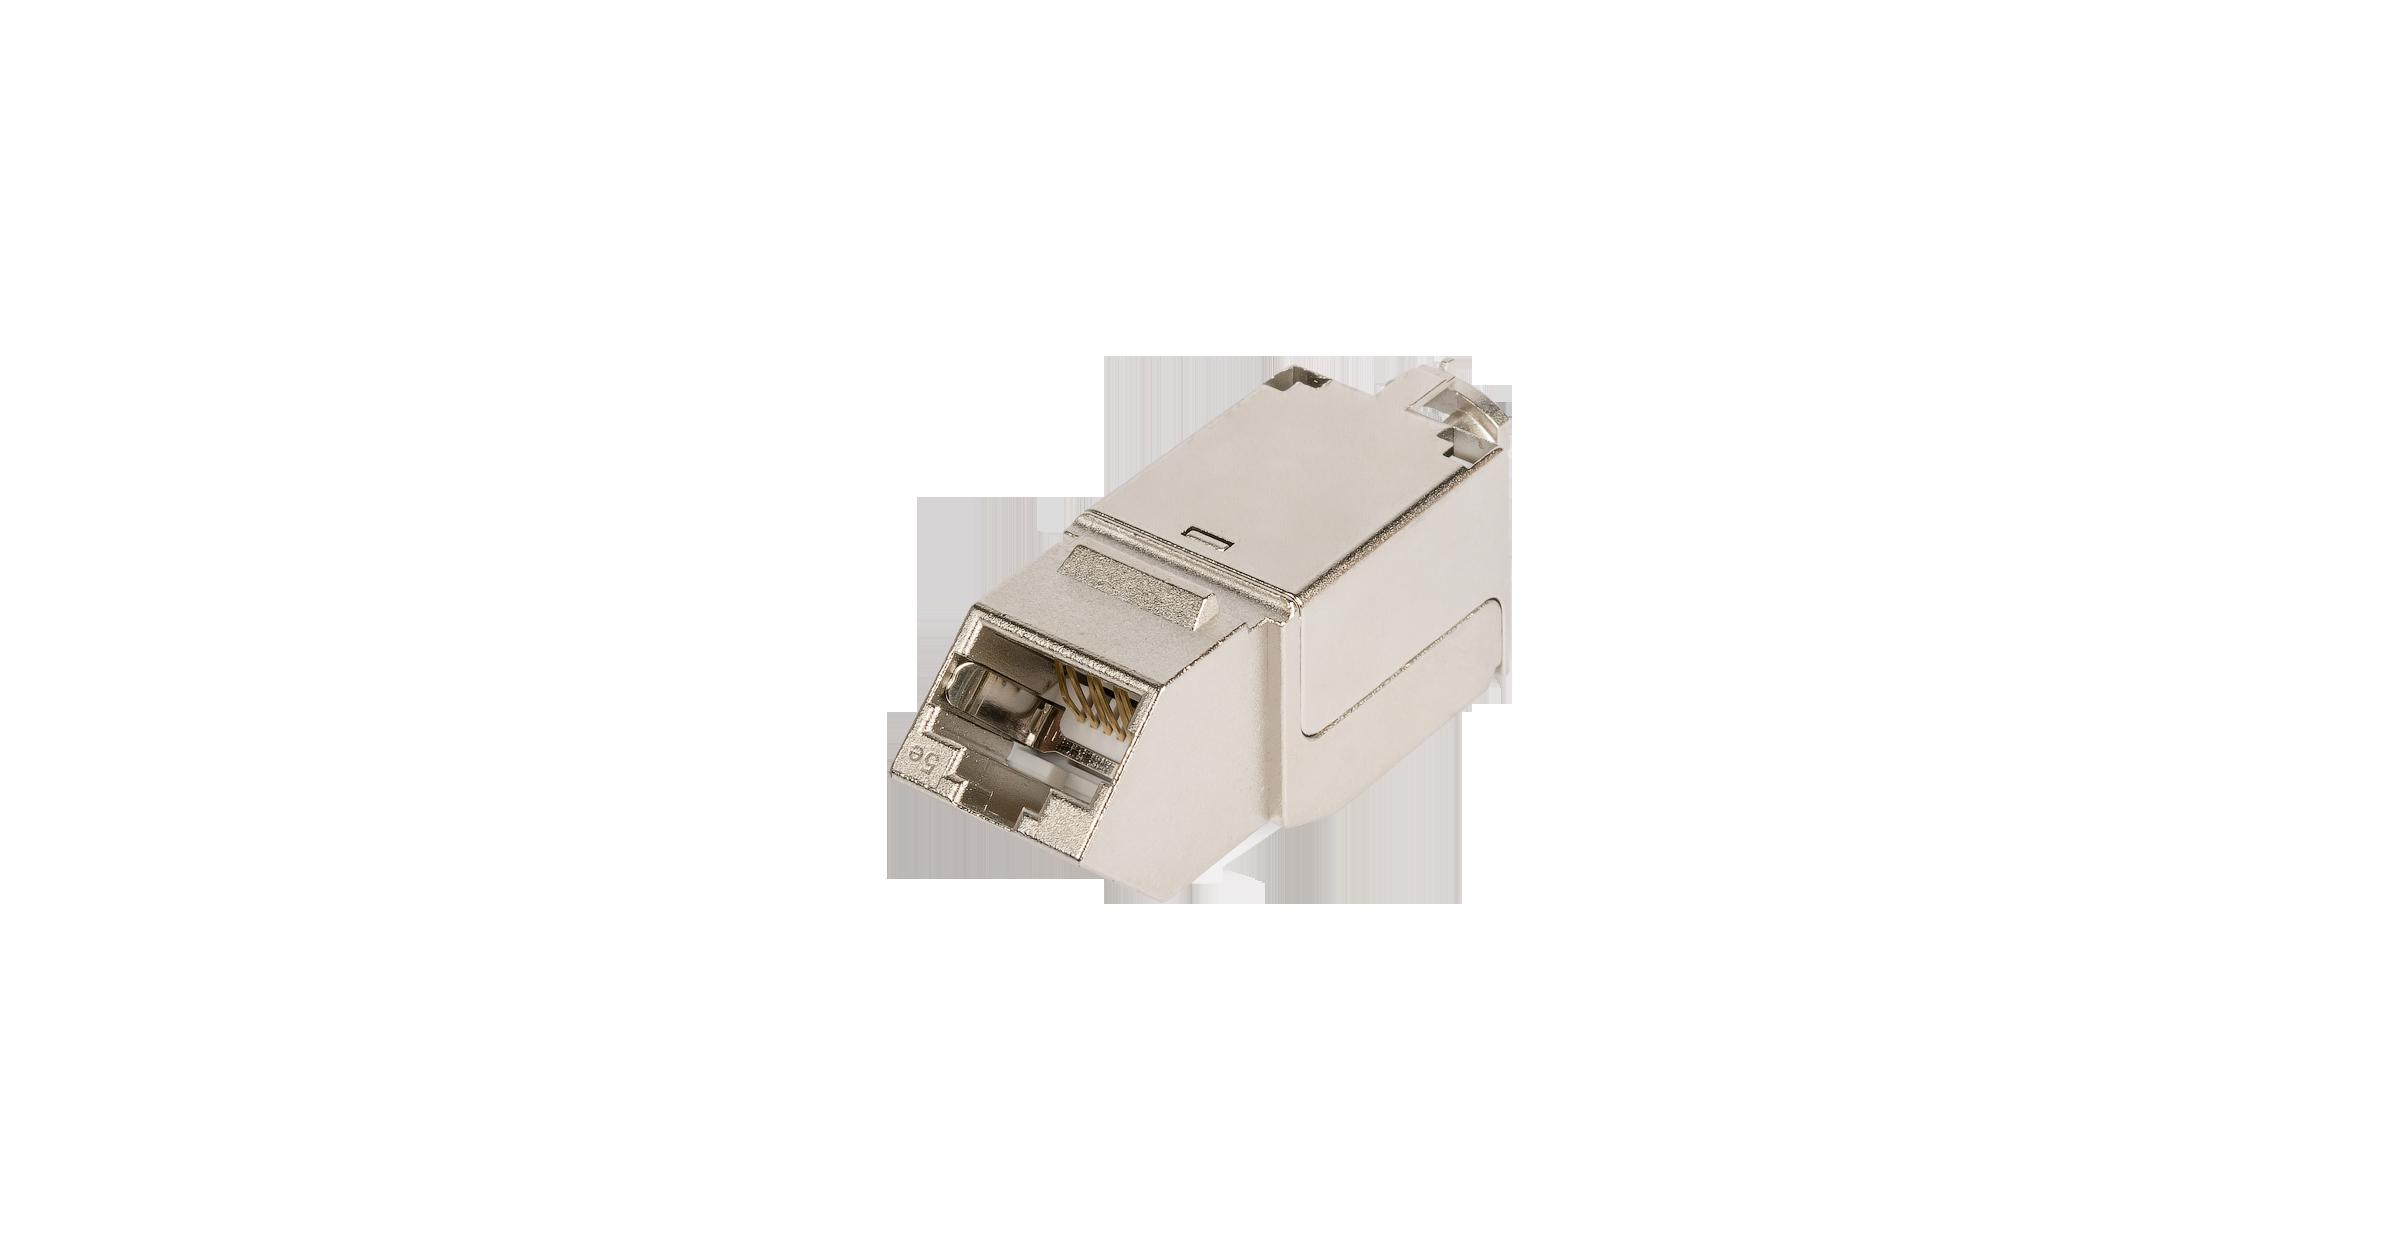 Модуль-вставка NIKOMAX типа Keystone, угловой, для панели серии AN, Кат.5е (Класс D), 100МГц, RJ45/8P8C, FT-TOOL/110/KRONE, T568A/B, полный экран, металлик - гарантия: 5 лет расширенная / 25 лет системная